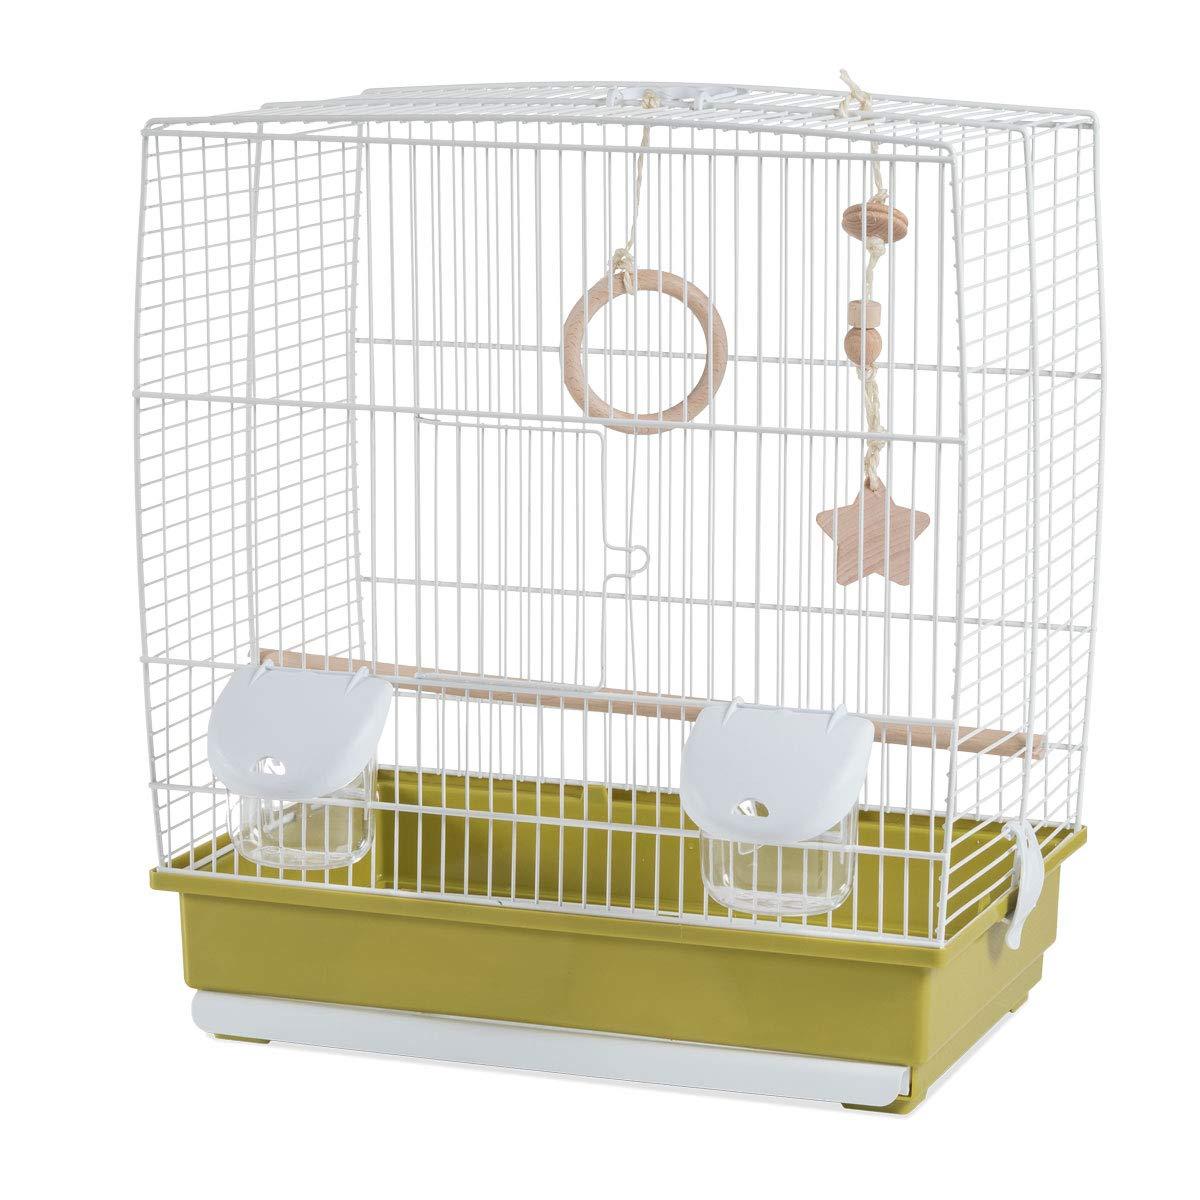 VOLTREGA Jaula 641 Verde 39X25.5X45: Amazon.es: Productos para ...